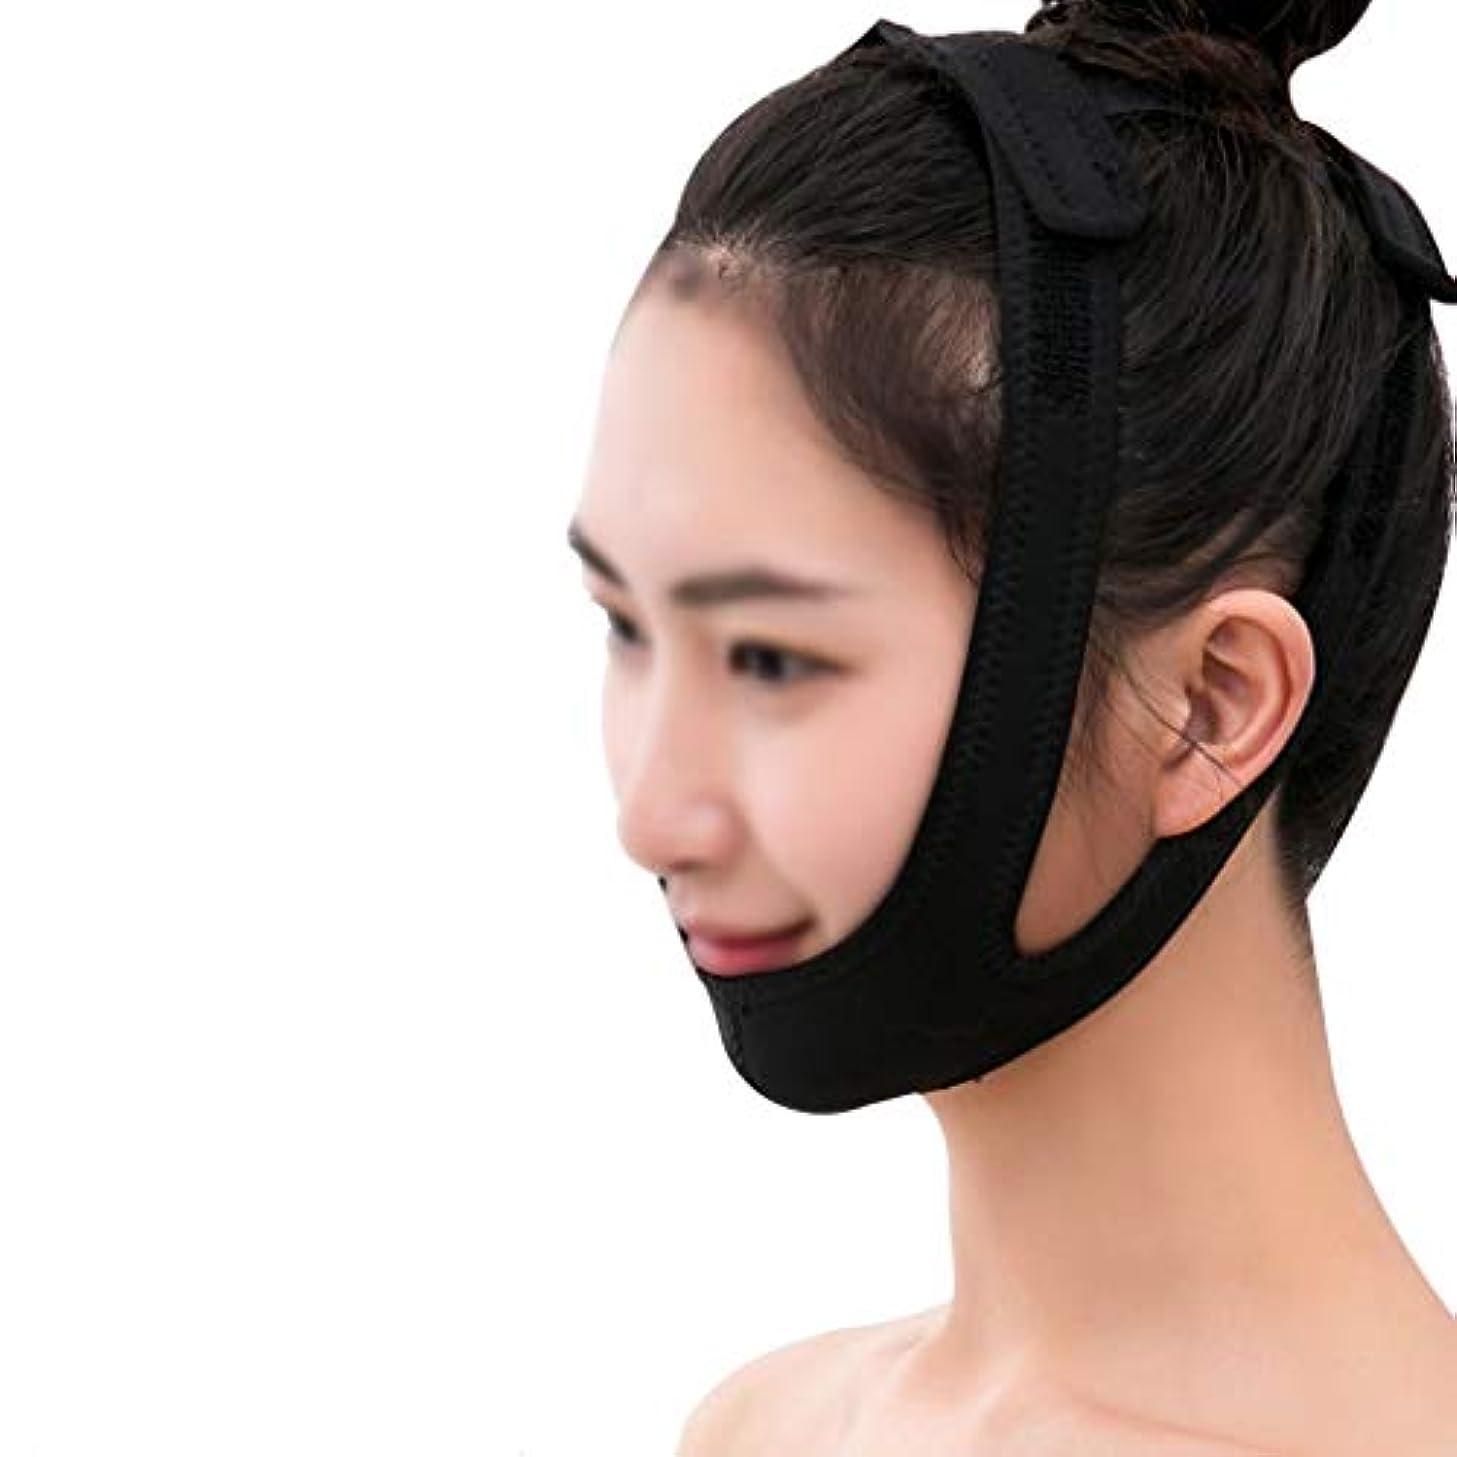 指定囲まれた虚偽フェイシャルリフティングマスク、医療用ワイヤーカービングリカバリーヘッドギアVフェイス包帯ダブルチンフェイスリフトマスク